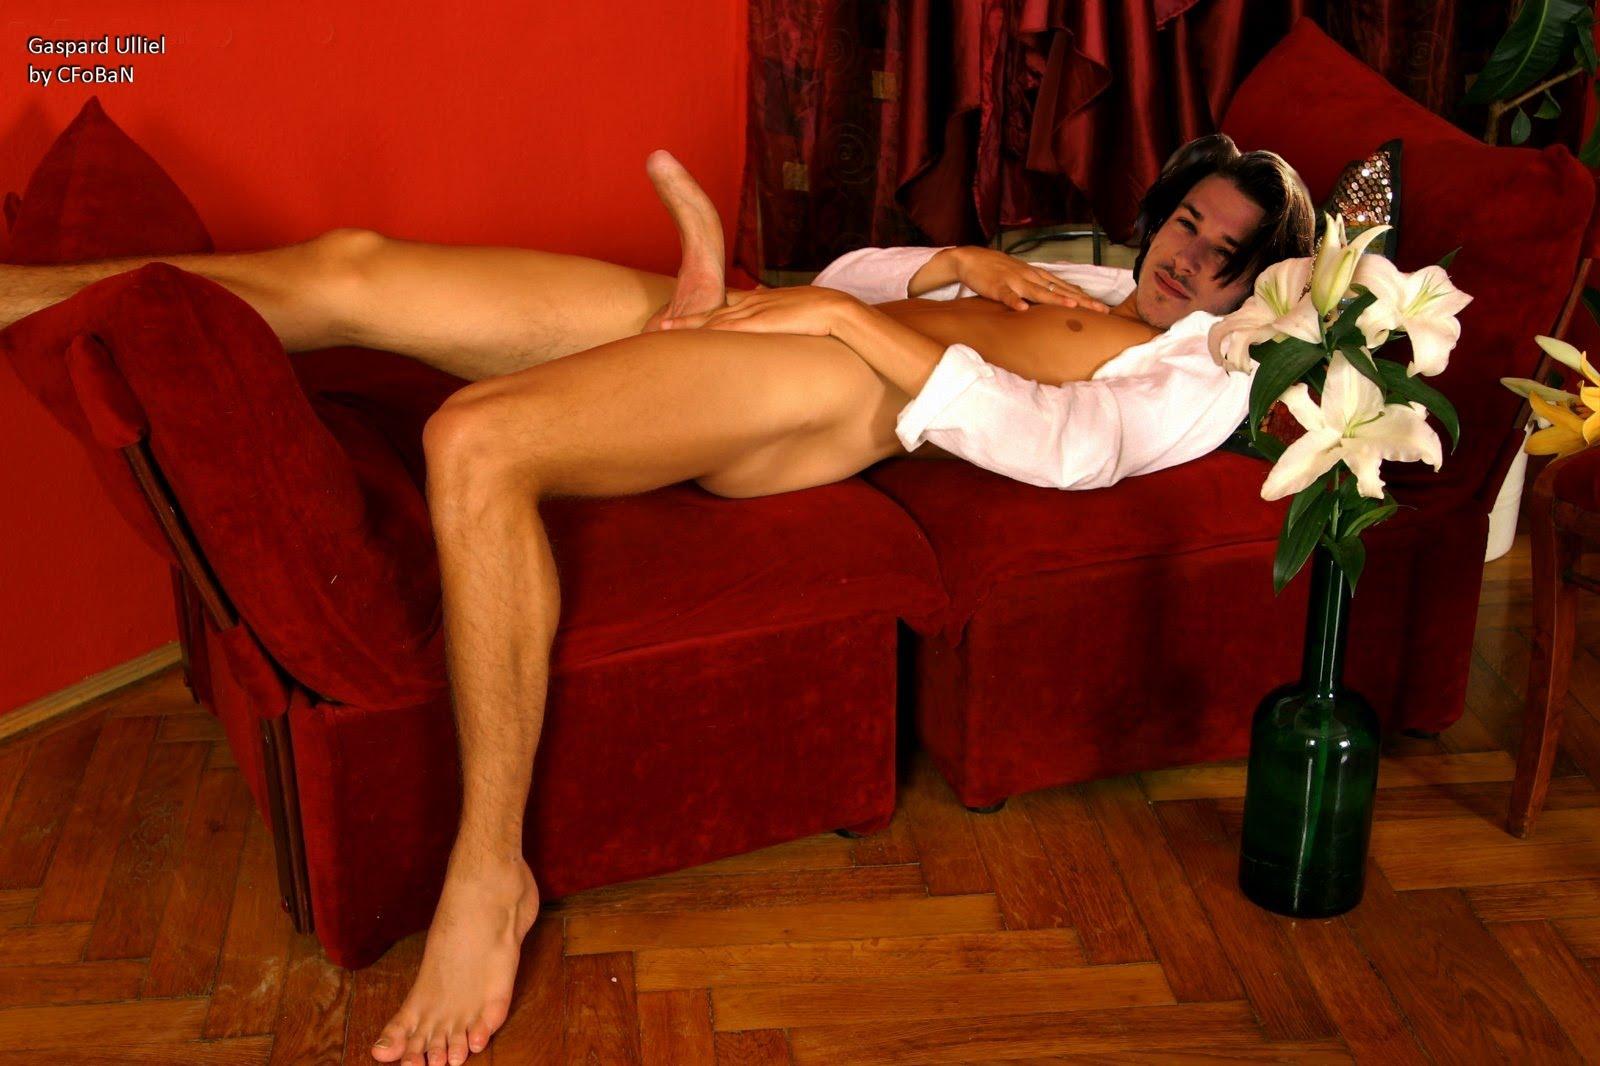 All naked gaspard ulliel nude authoritative